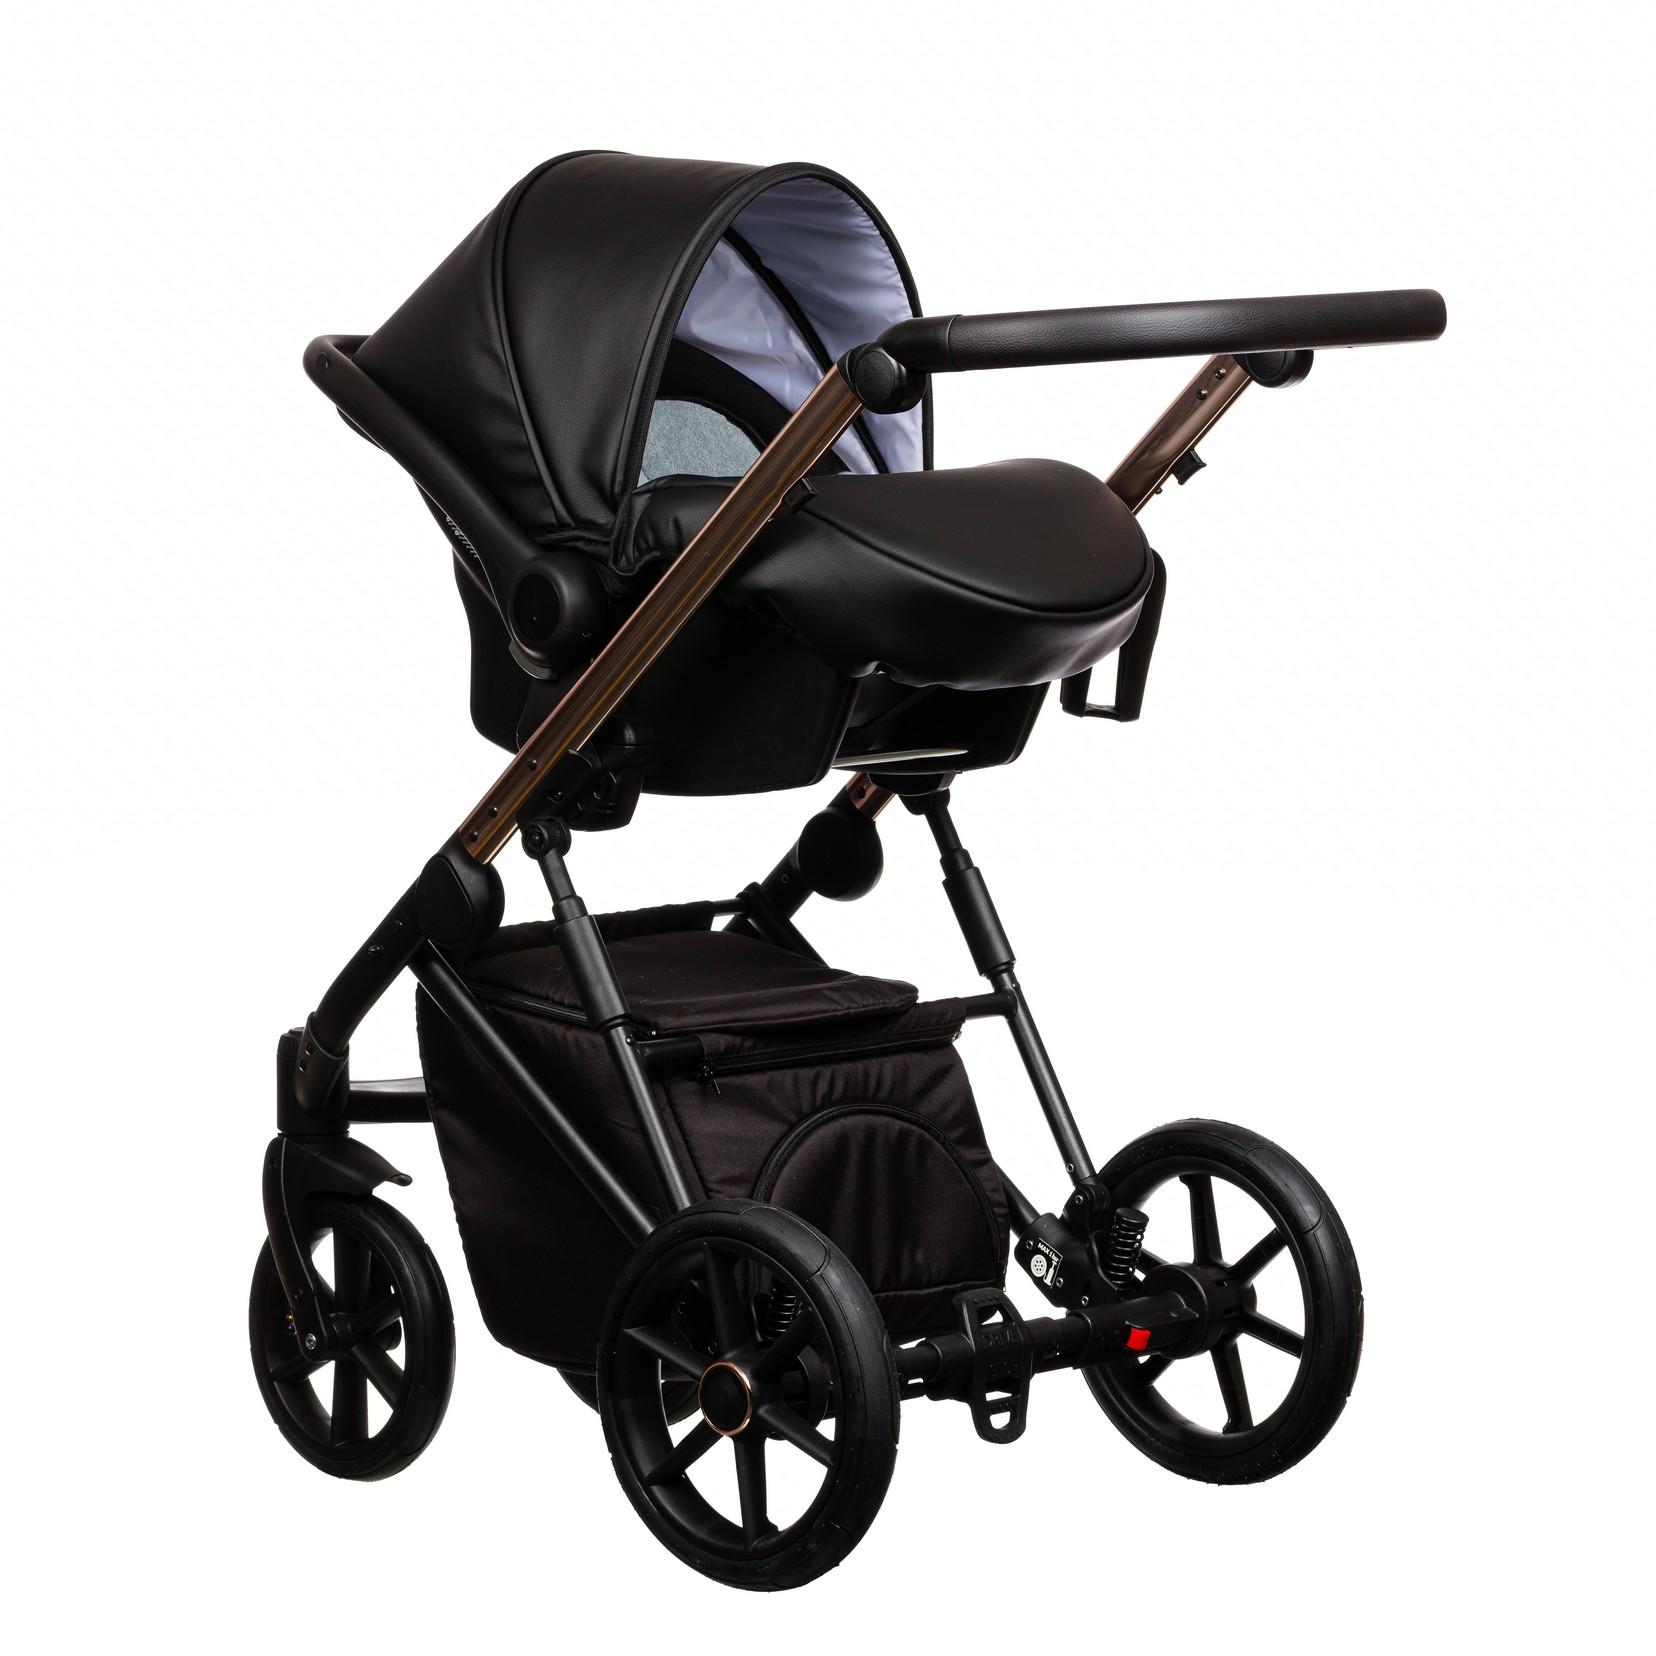 Wózek FX Paradise baby dziecięcy wielofunkcyjny z fotelikiem samochodowym